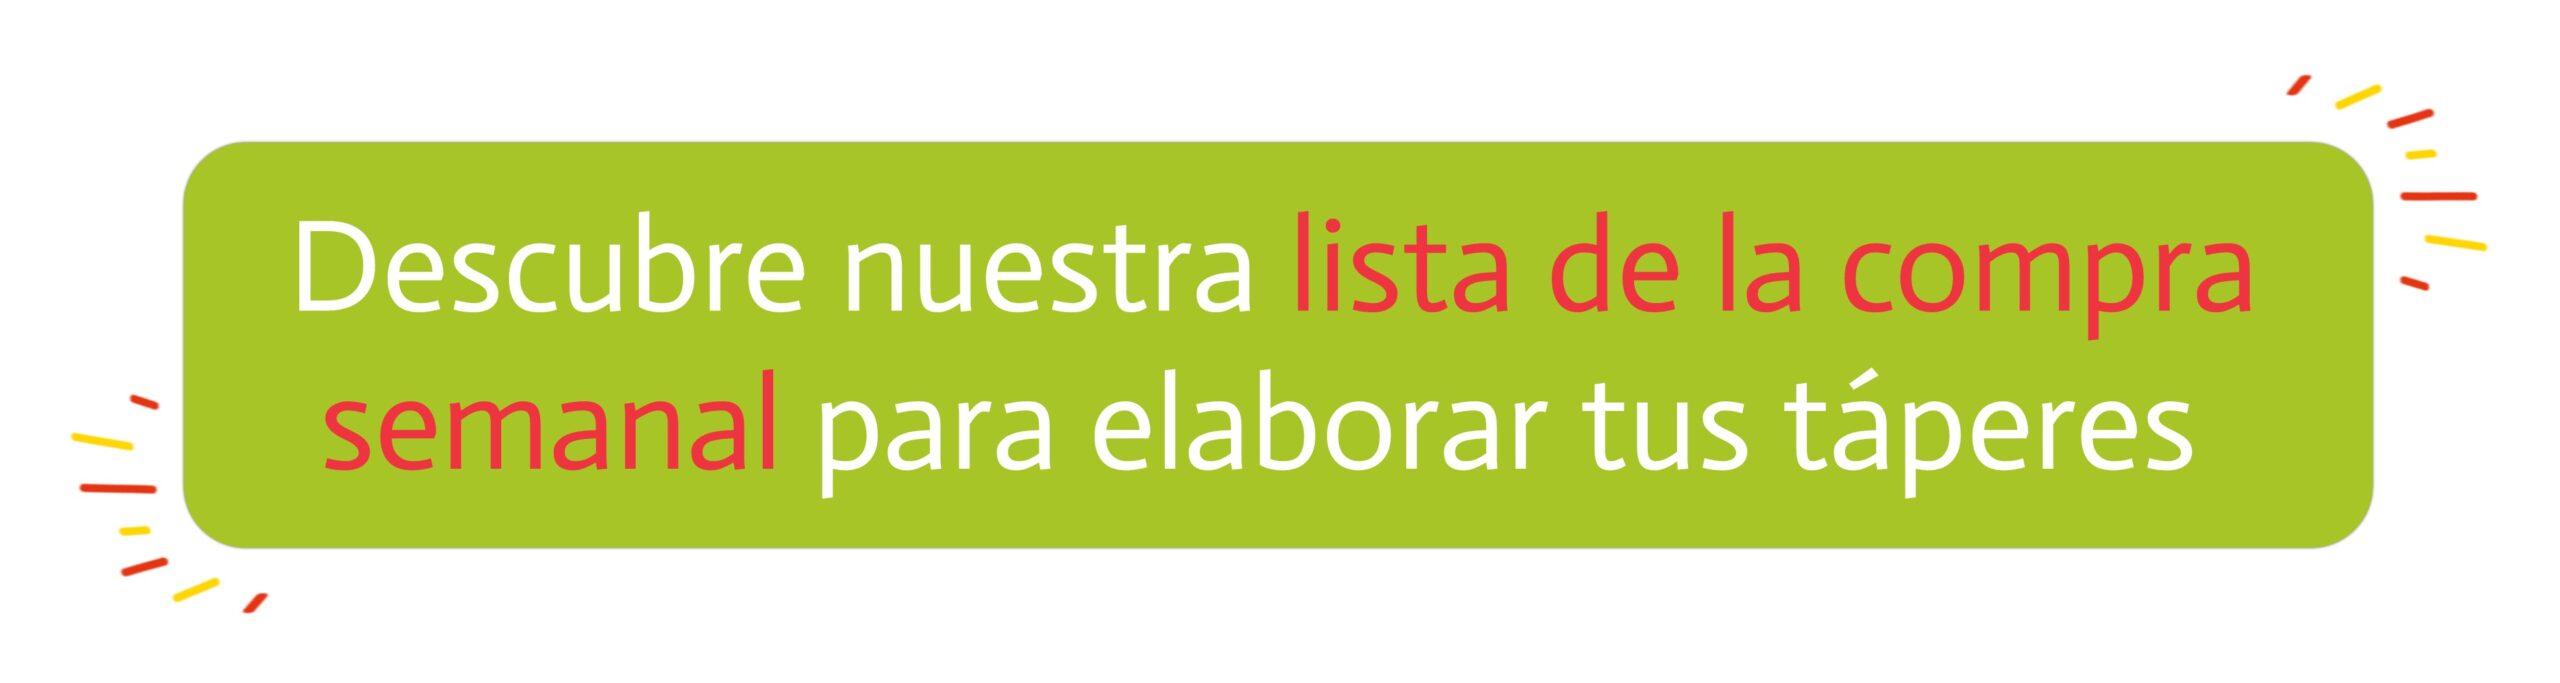 ZES - CTA Text - Infografía alimentación 3